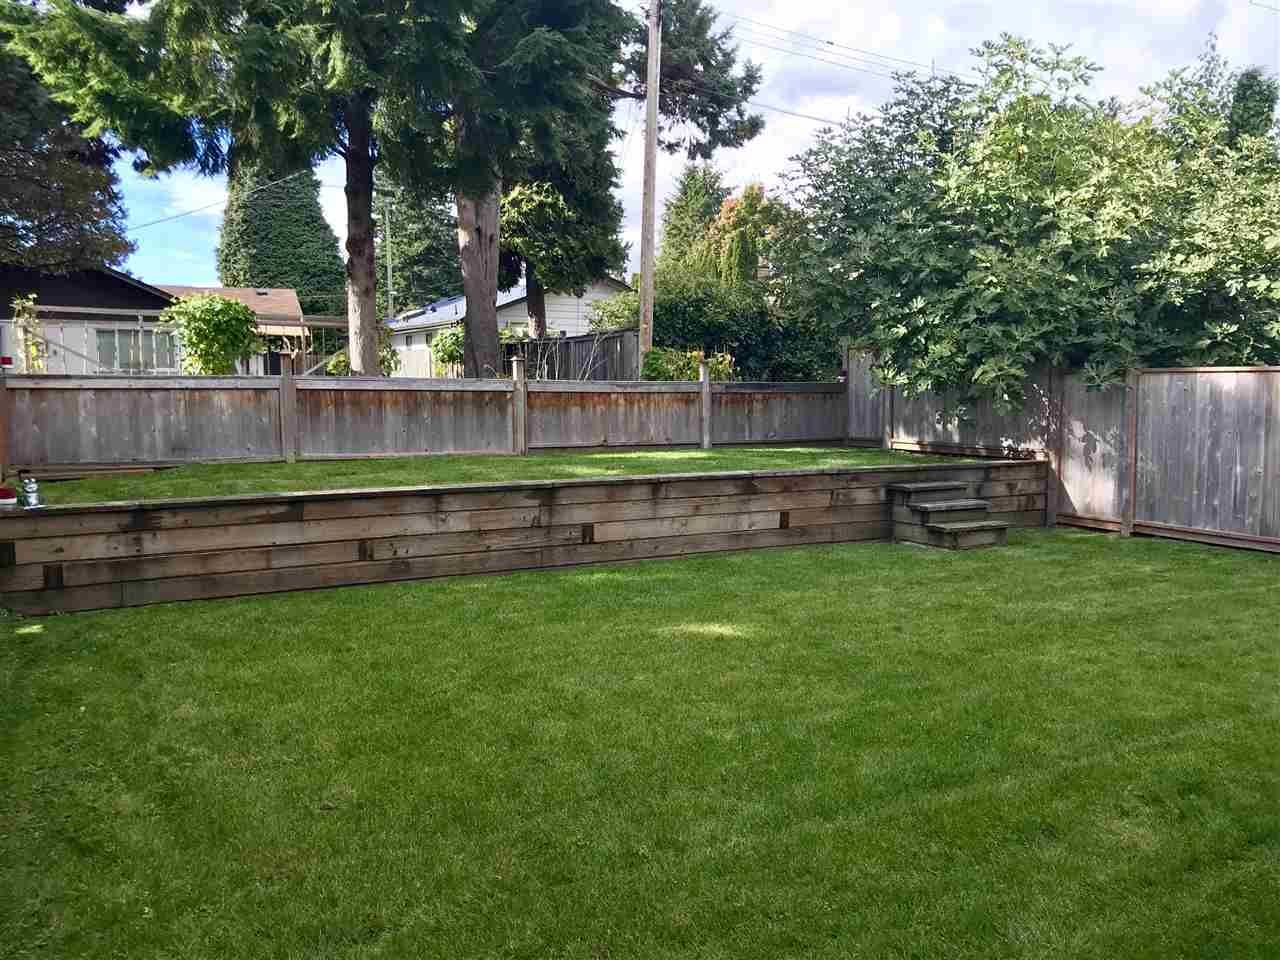 1749-bowser-avenue-pemberton-nv-north-vancouver-16 at 1749 Bowser Avenue, Pemberton NV, North Vancouver